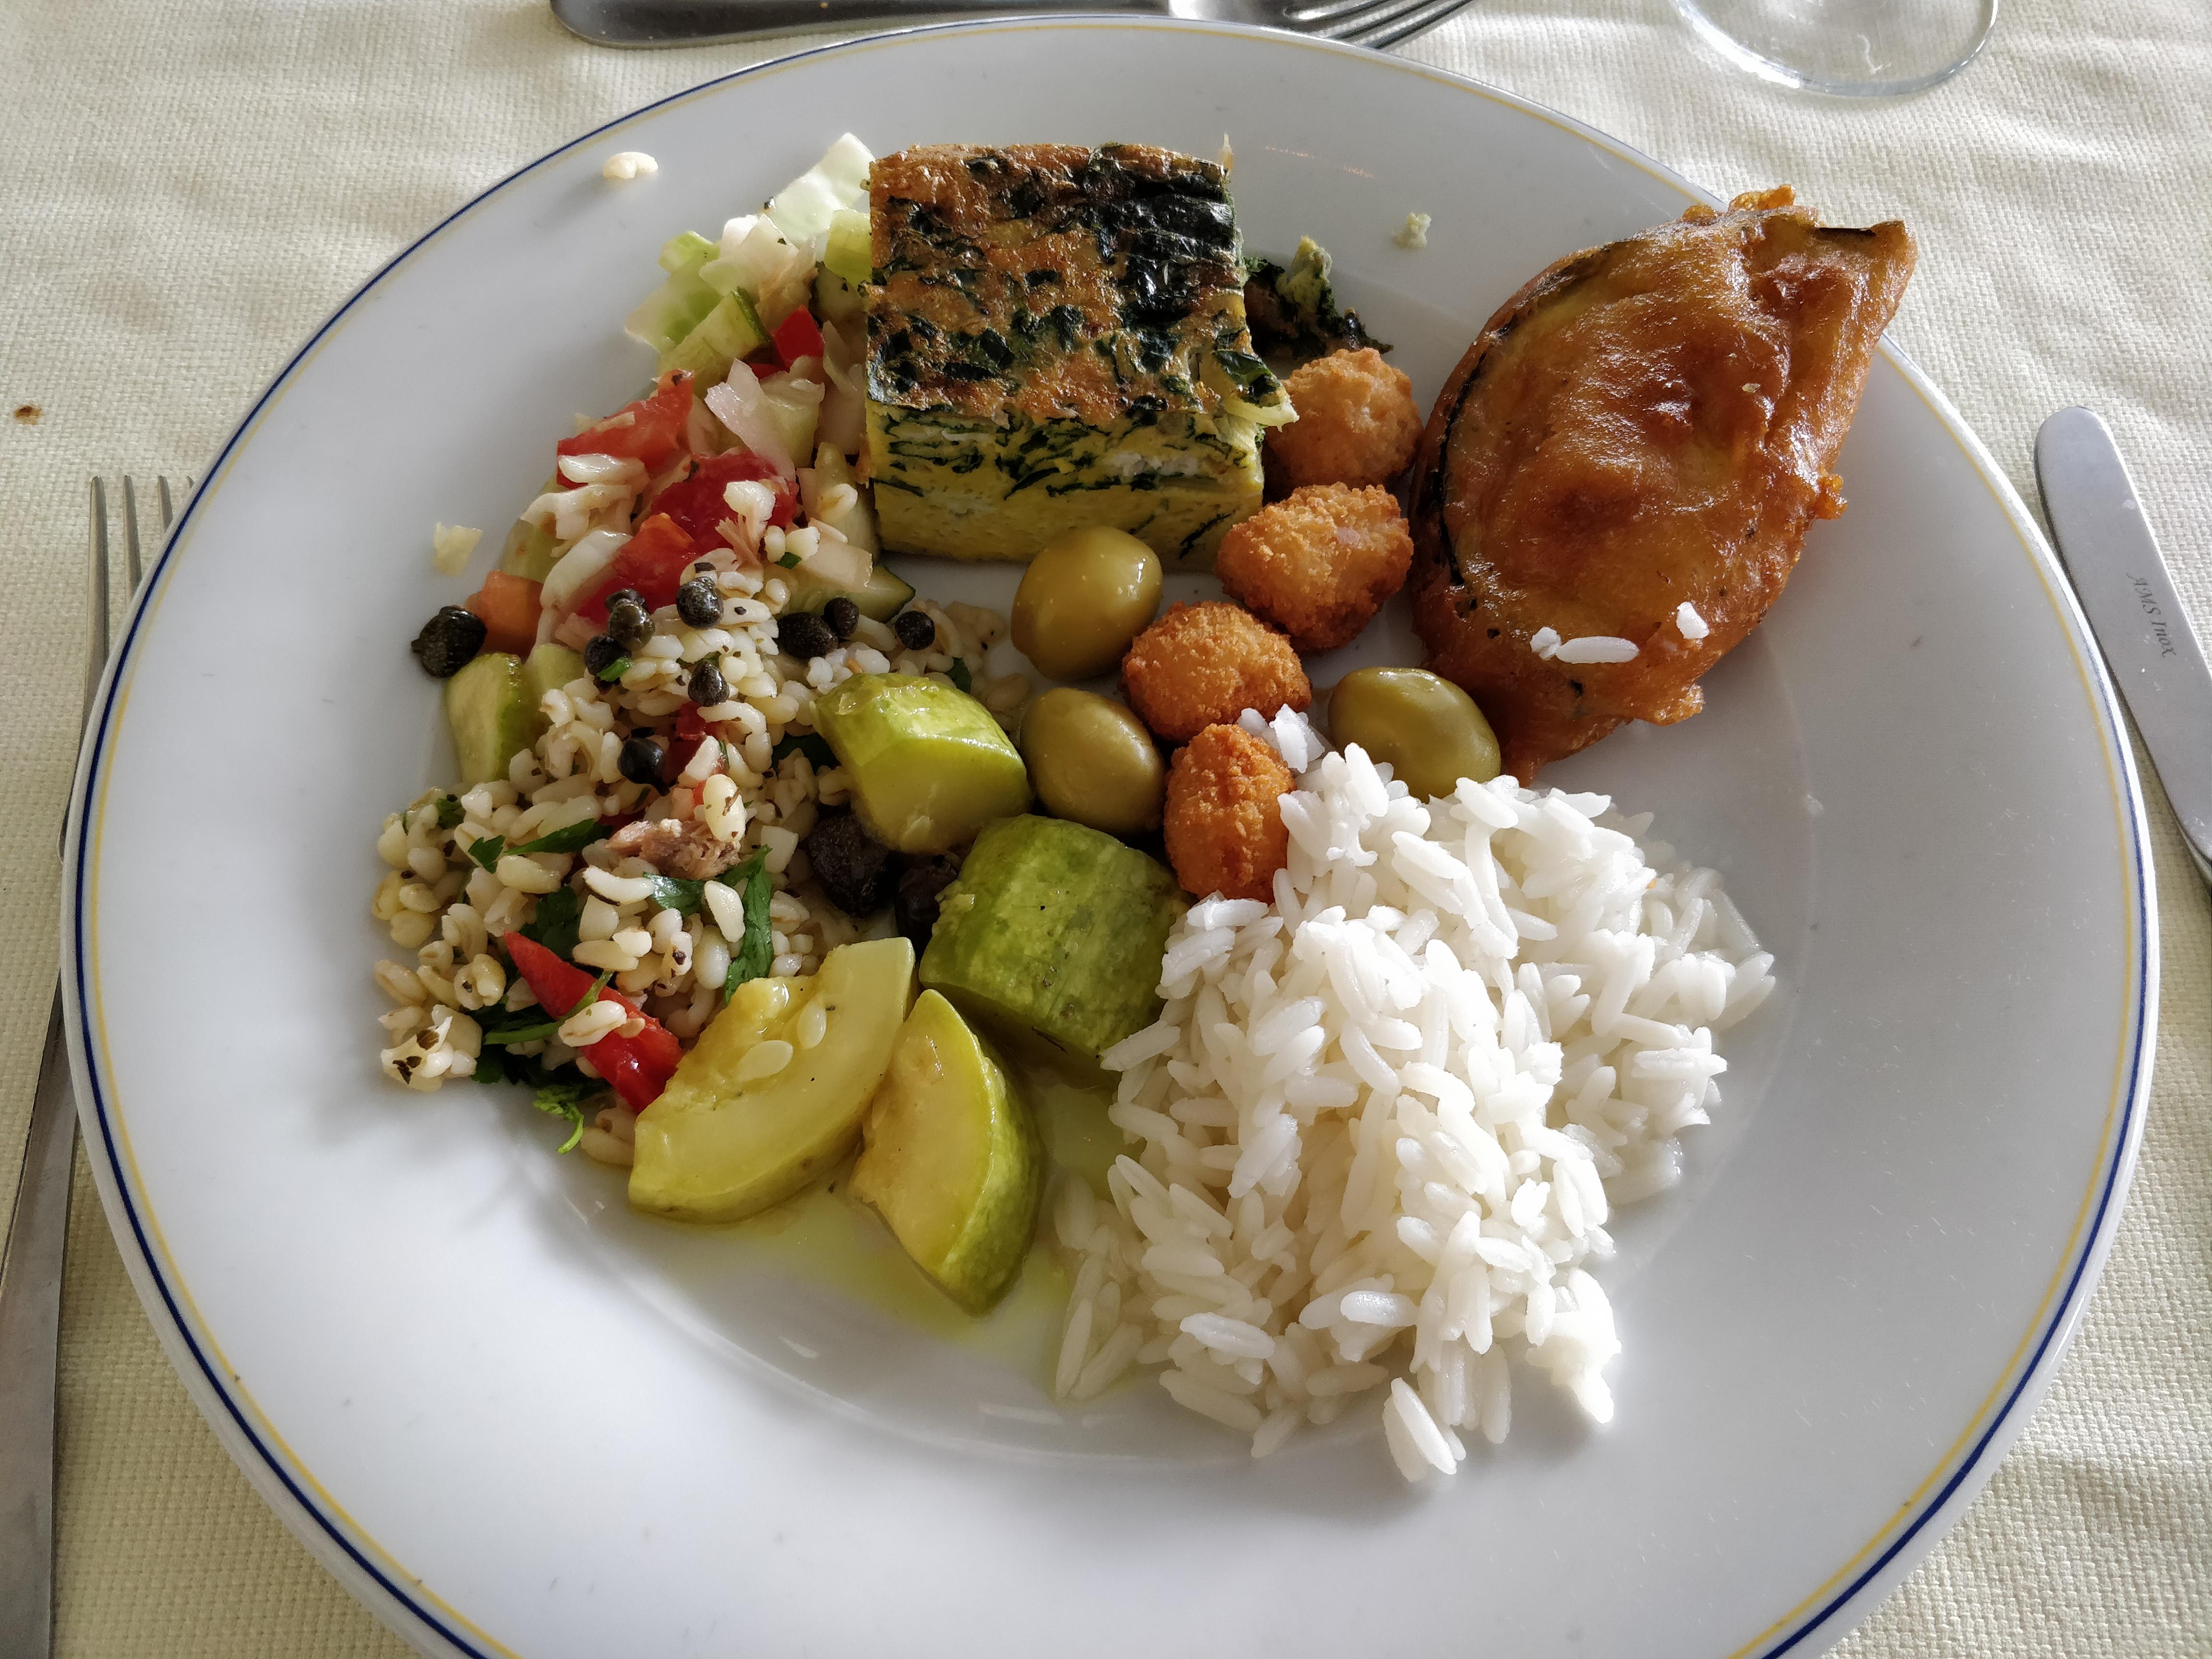 http://foodloader.net/nico_2018-10-23_royal-el-mansour-2.jpg